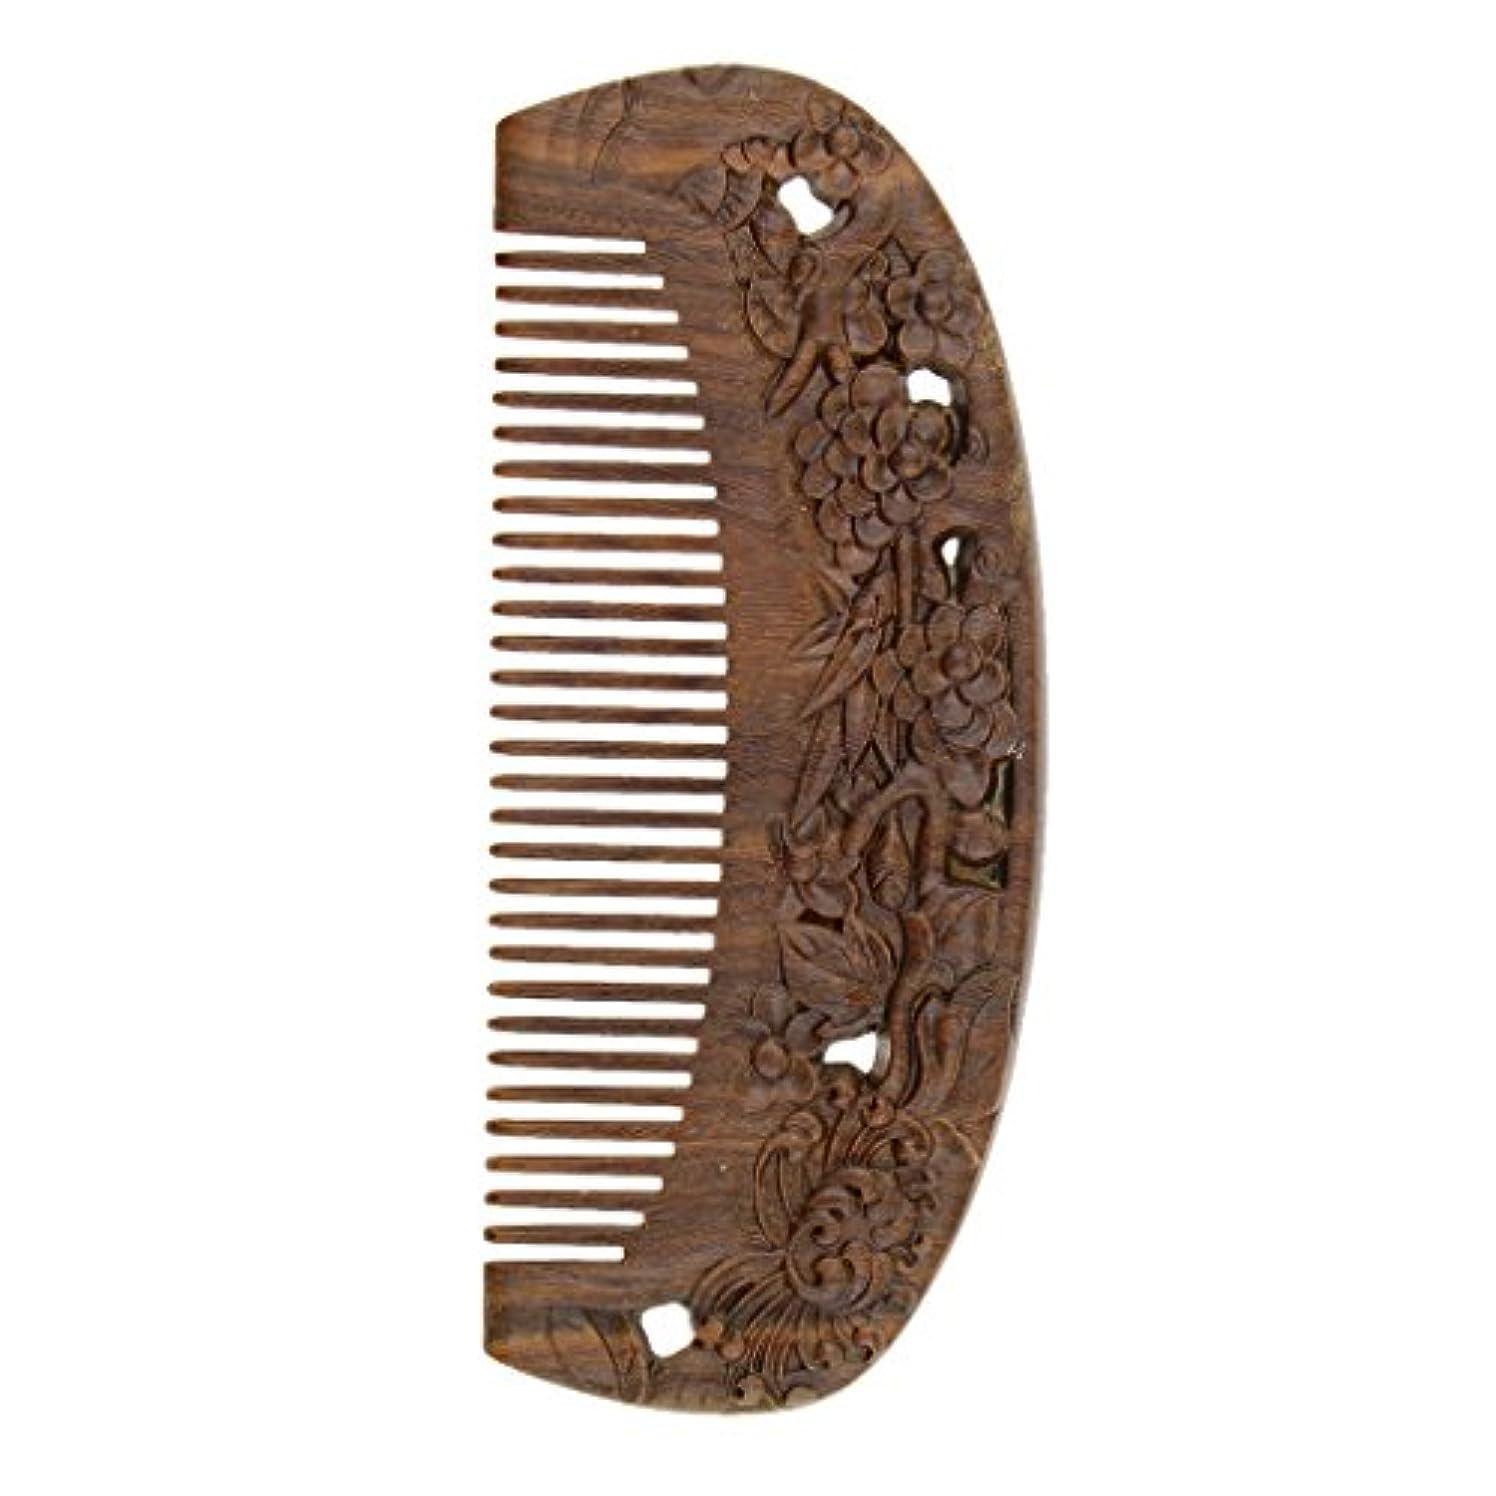 部族苦しみプラスチックDYNWAVE ヘアスタイリング 木製コーム ウッドコーム ワイド歯 頭皮マッサージ ヘアブラシ 全2種類 - #2